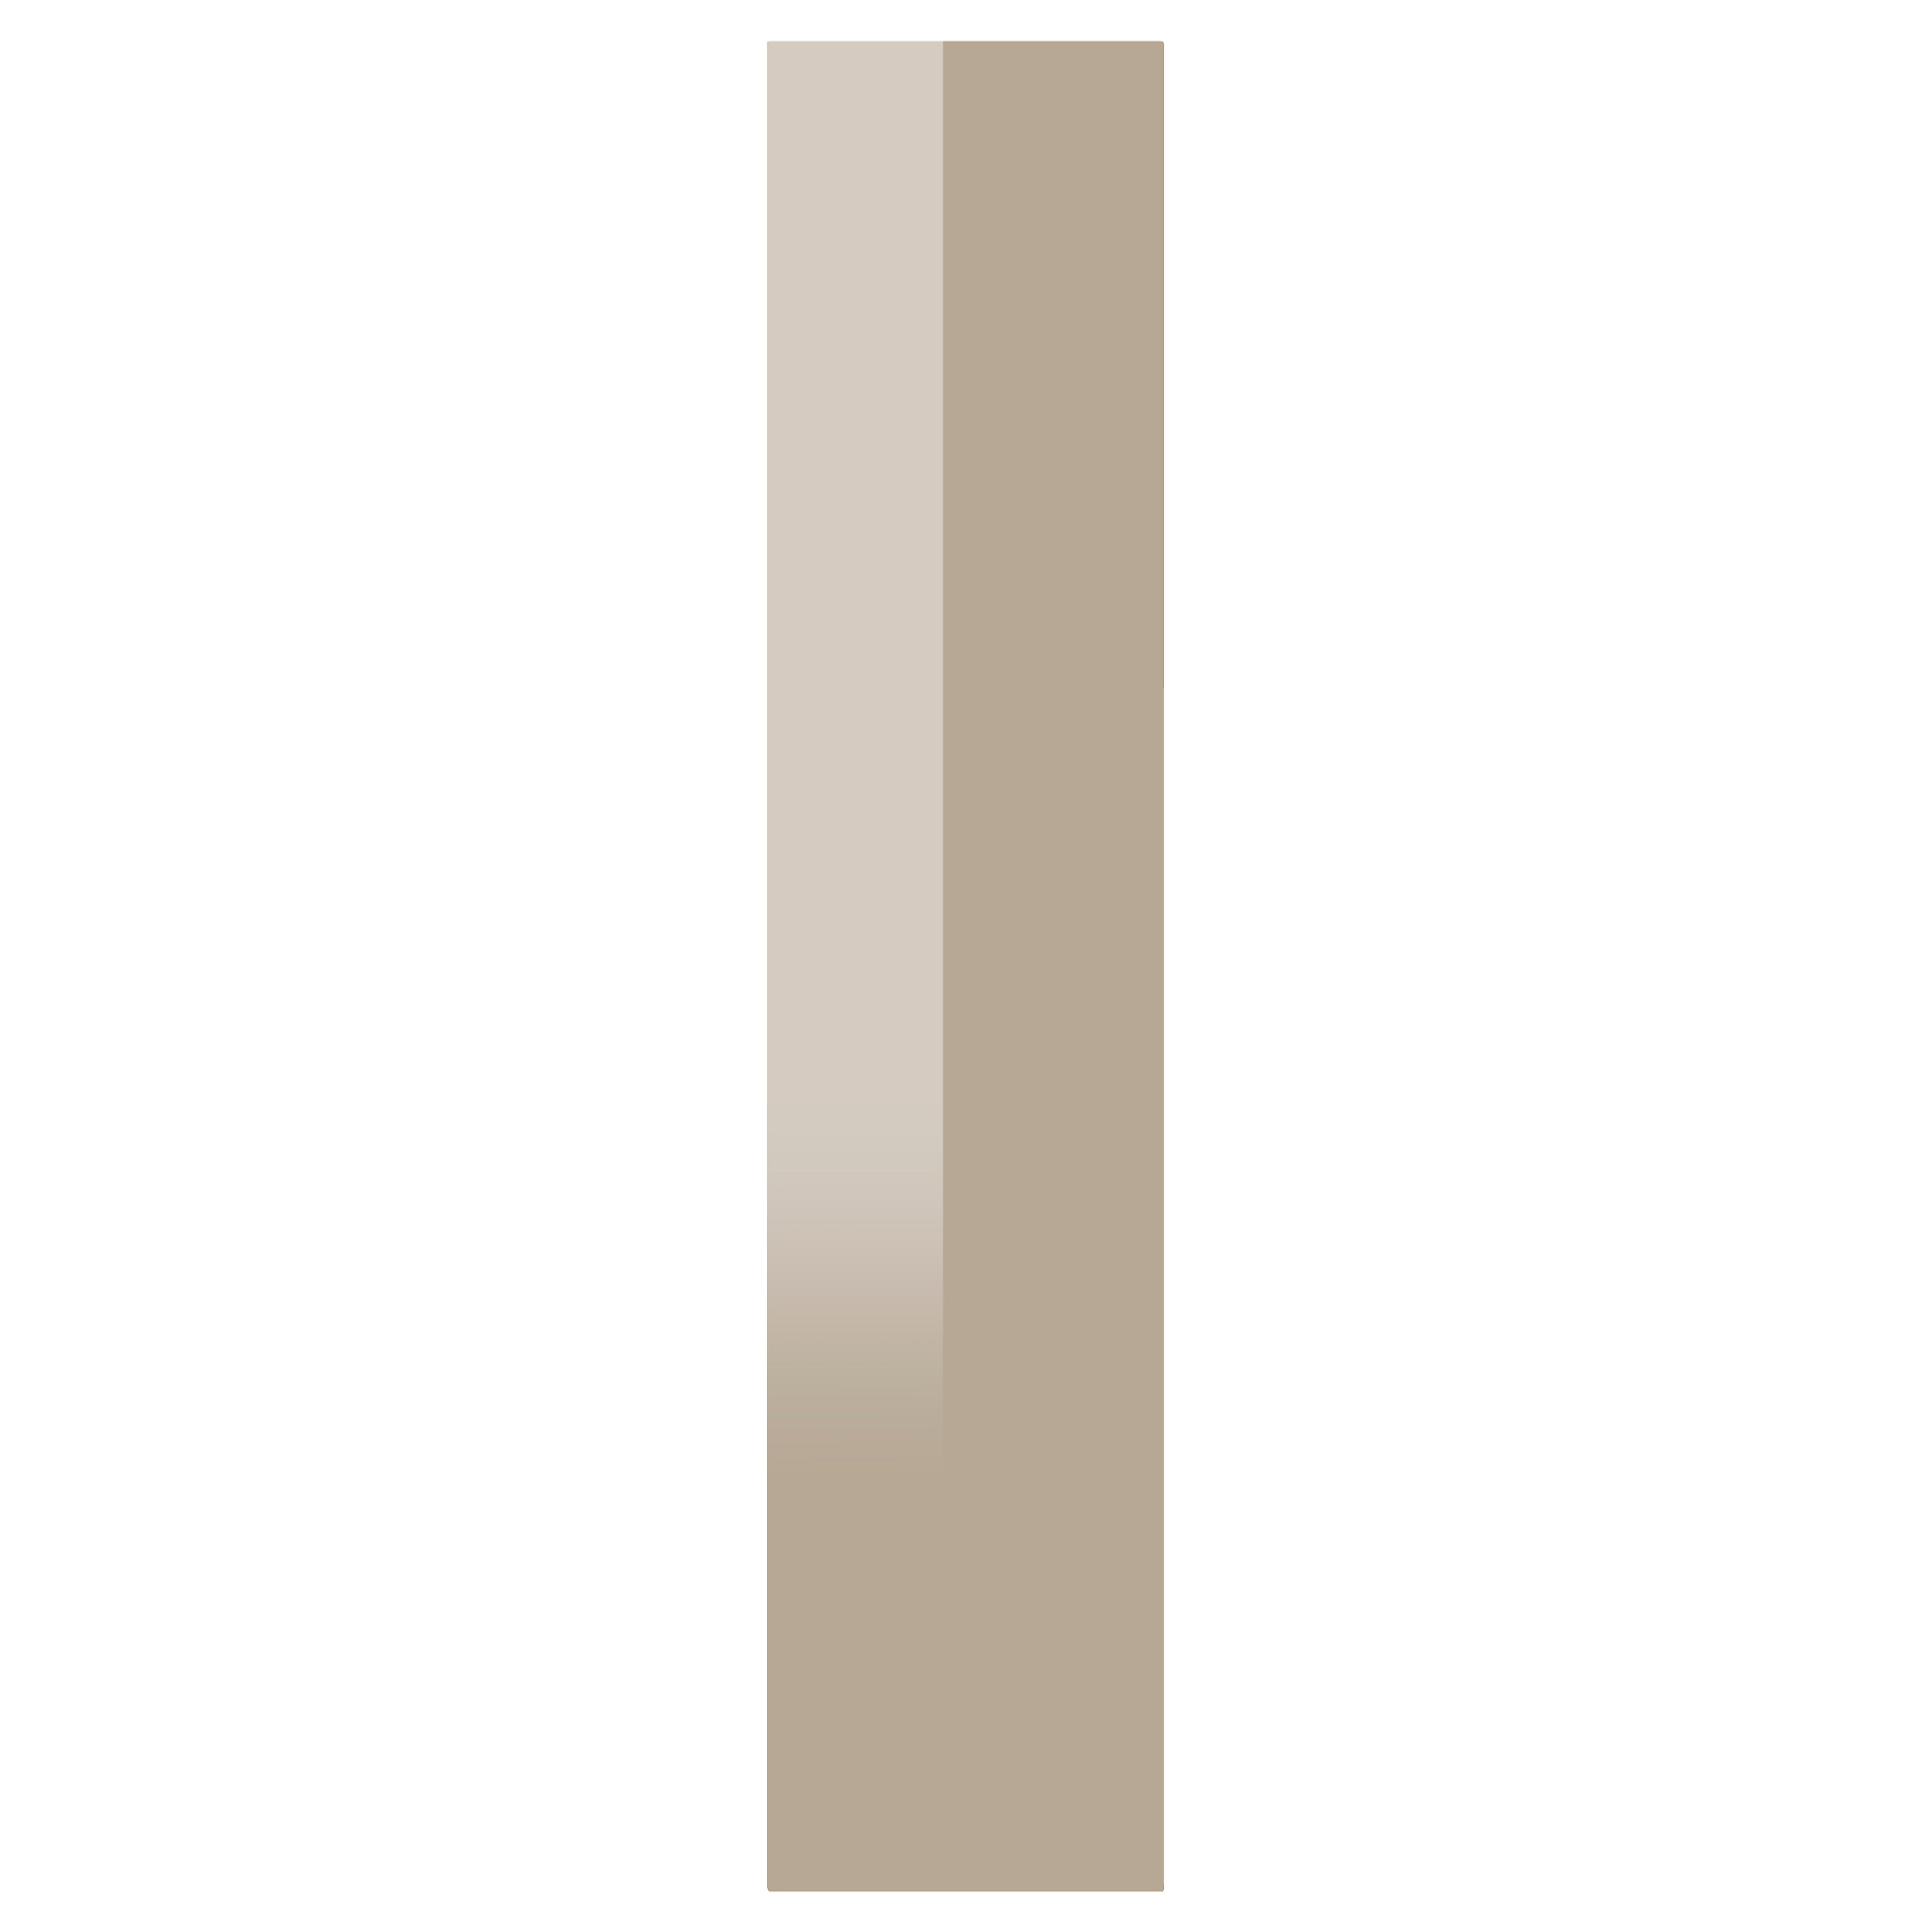 Дверь ФАРДАЛЬ бежевый артикуль № 103.791.57 в наличии. Online магазин IKEA РБ. Недорогая доставка и соборка.